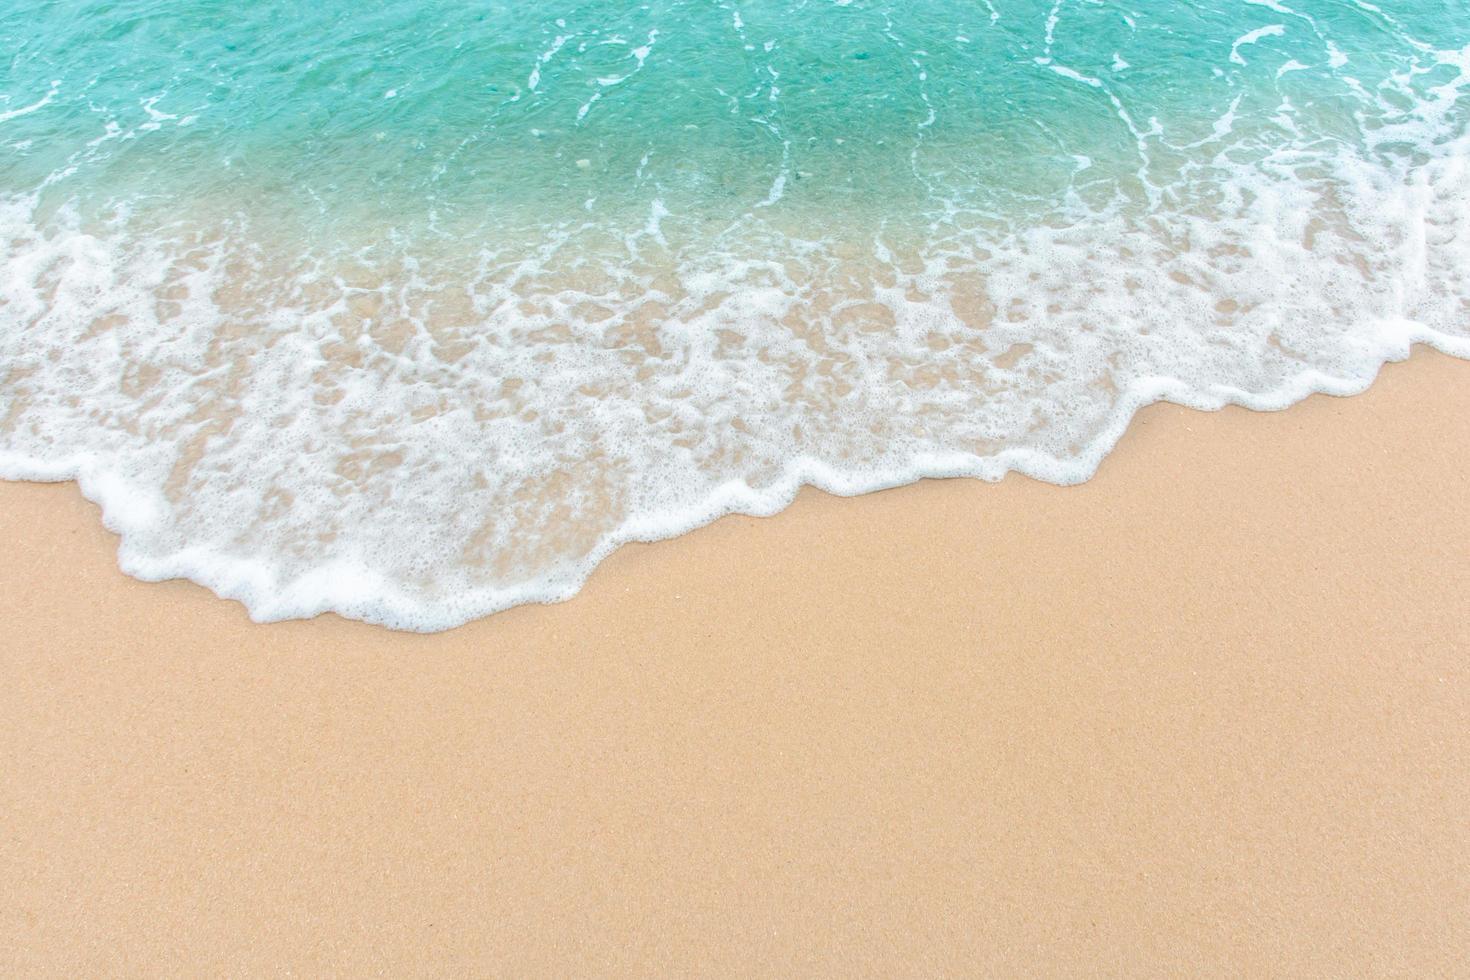 vague-sur-sable